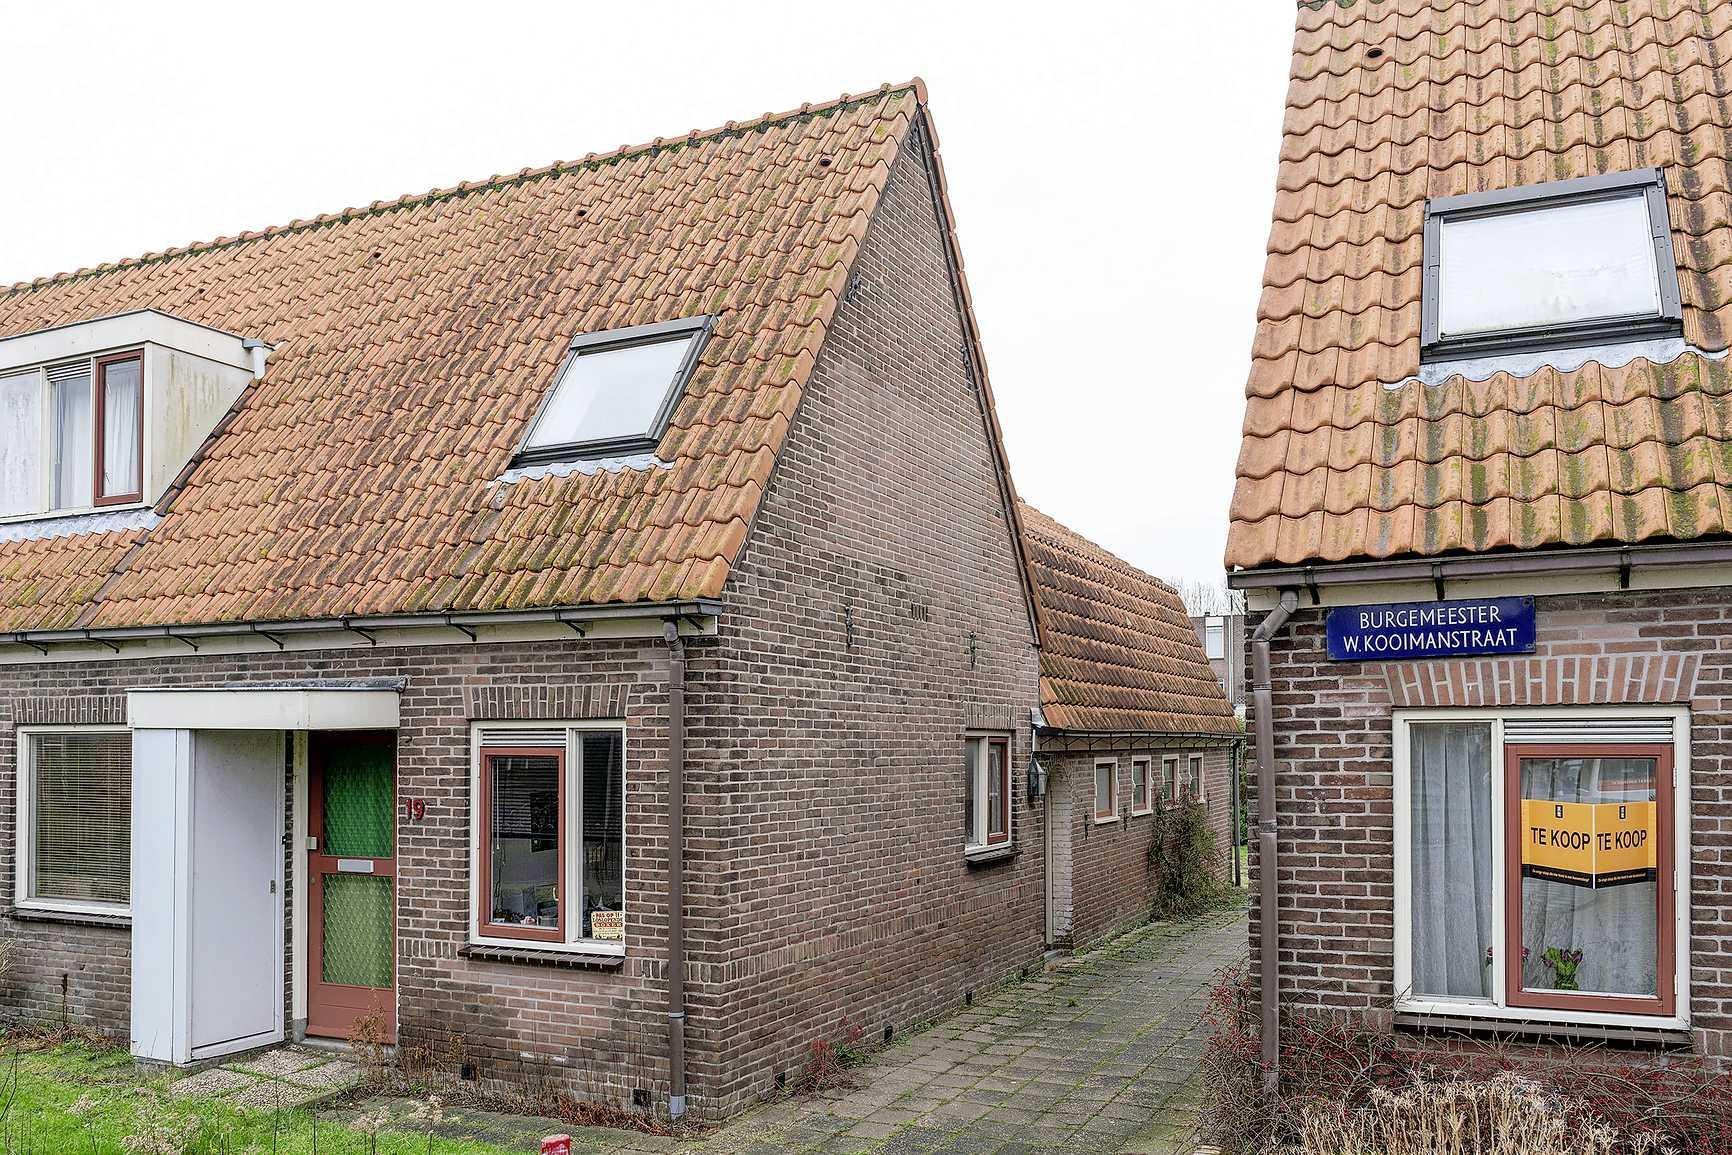 Je ziet het er niet meteen aan af, maar Oostwijk in Koedijk verdient een monumentenstatus, vinden drie erfgoedorganisaties. 'Beslist niet slopen'